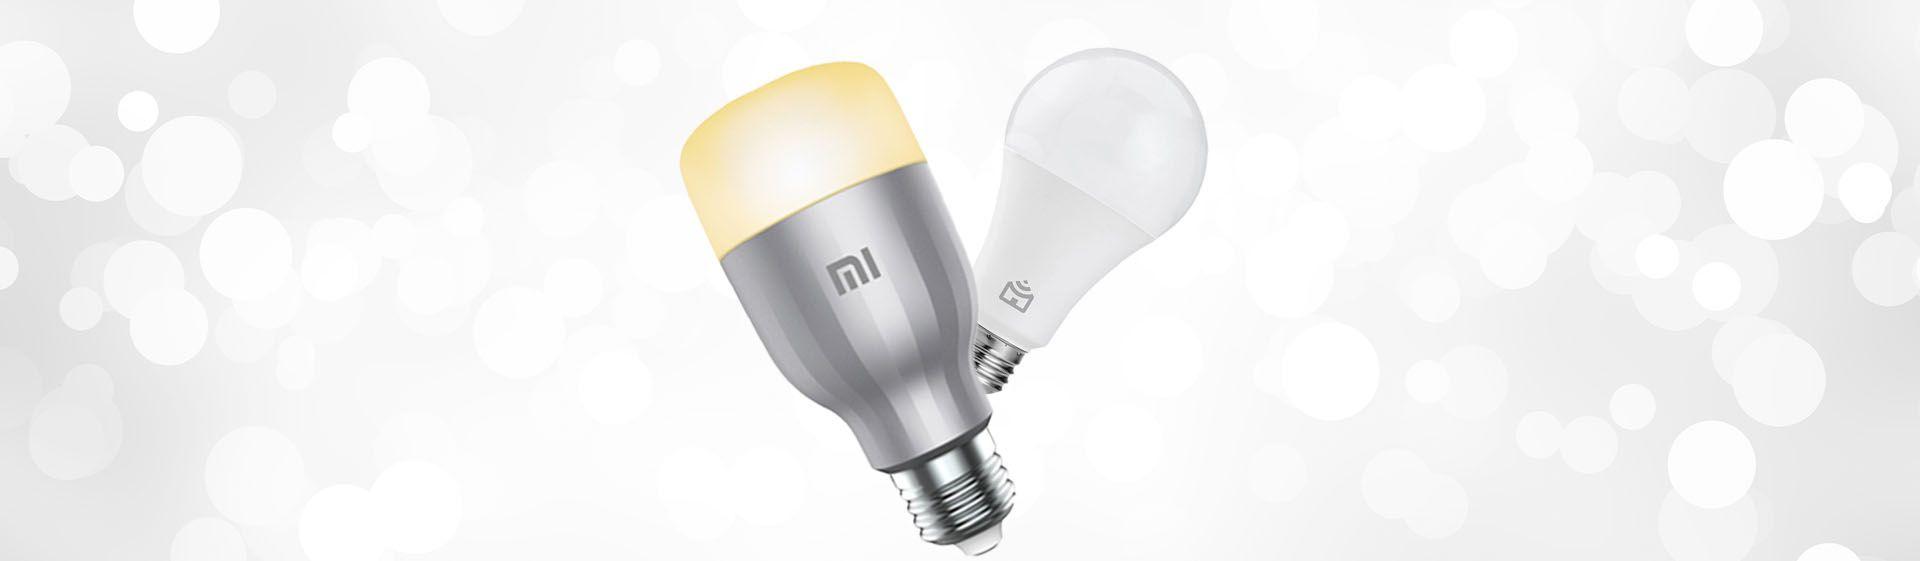 Smart lâmpada Positivo vs lâmpada inteligente da Xiaomi: qual é melhor?